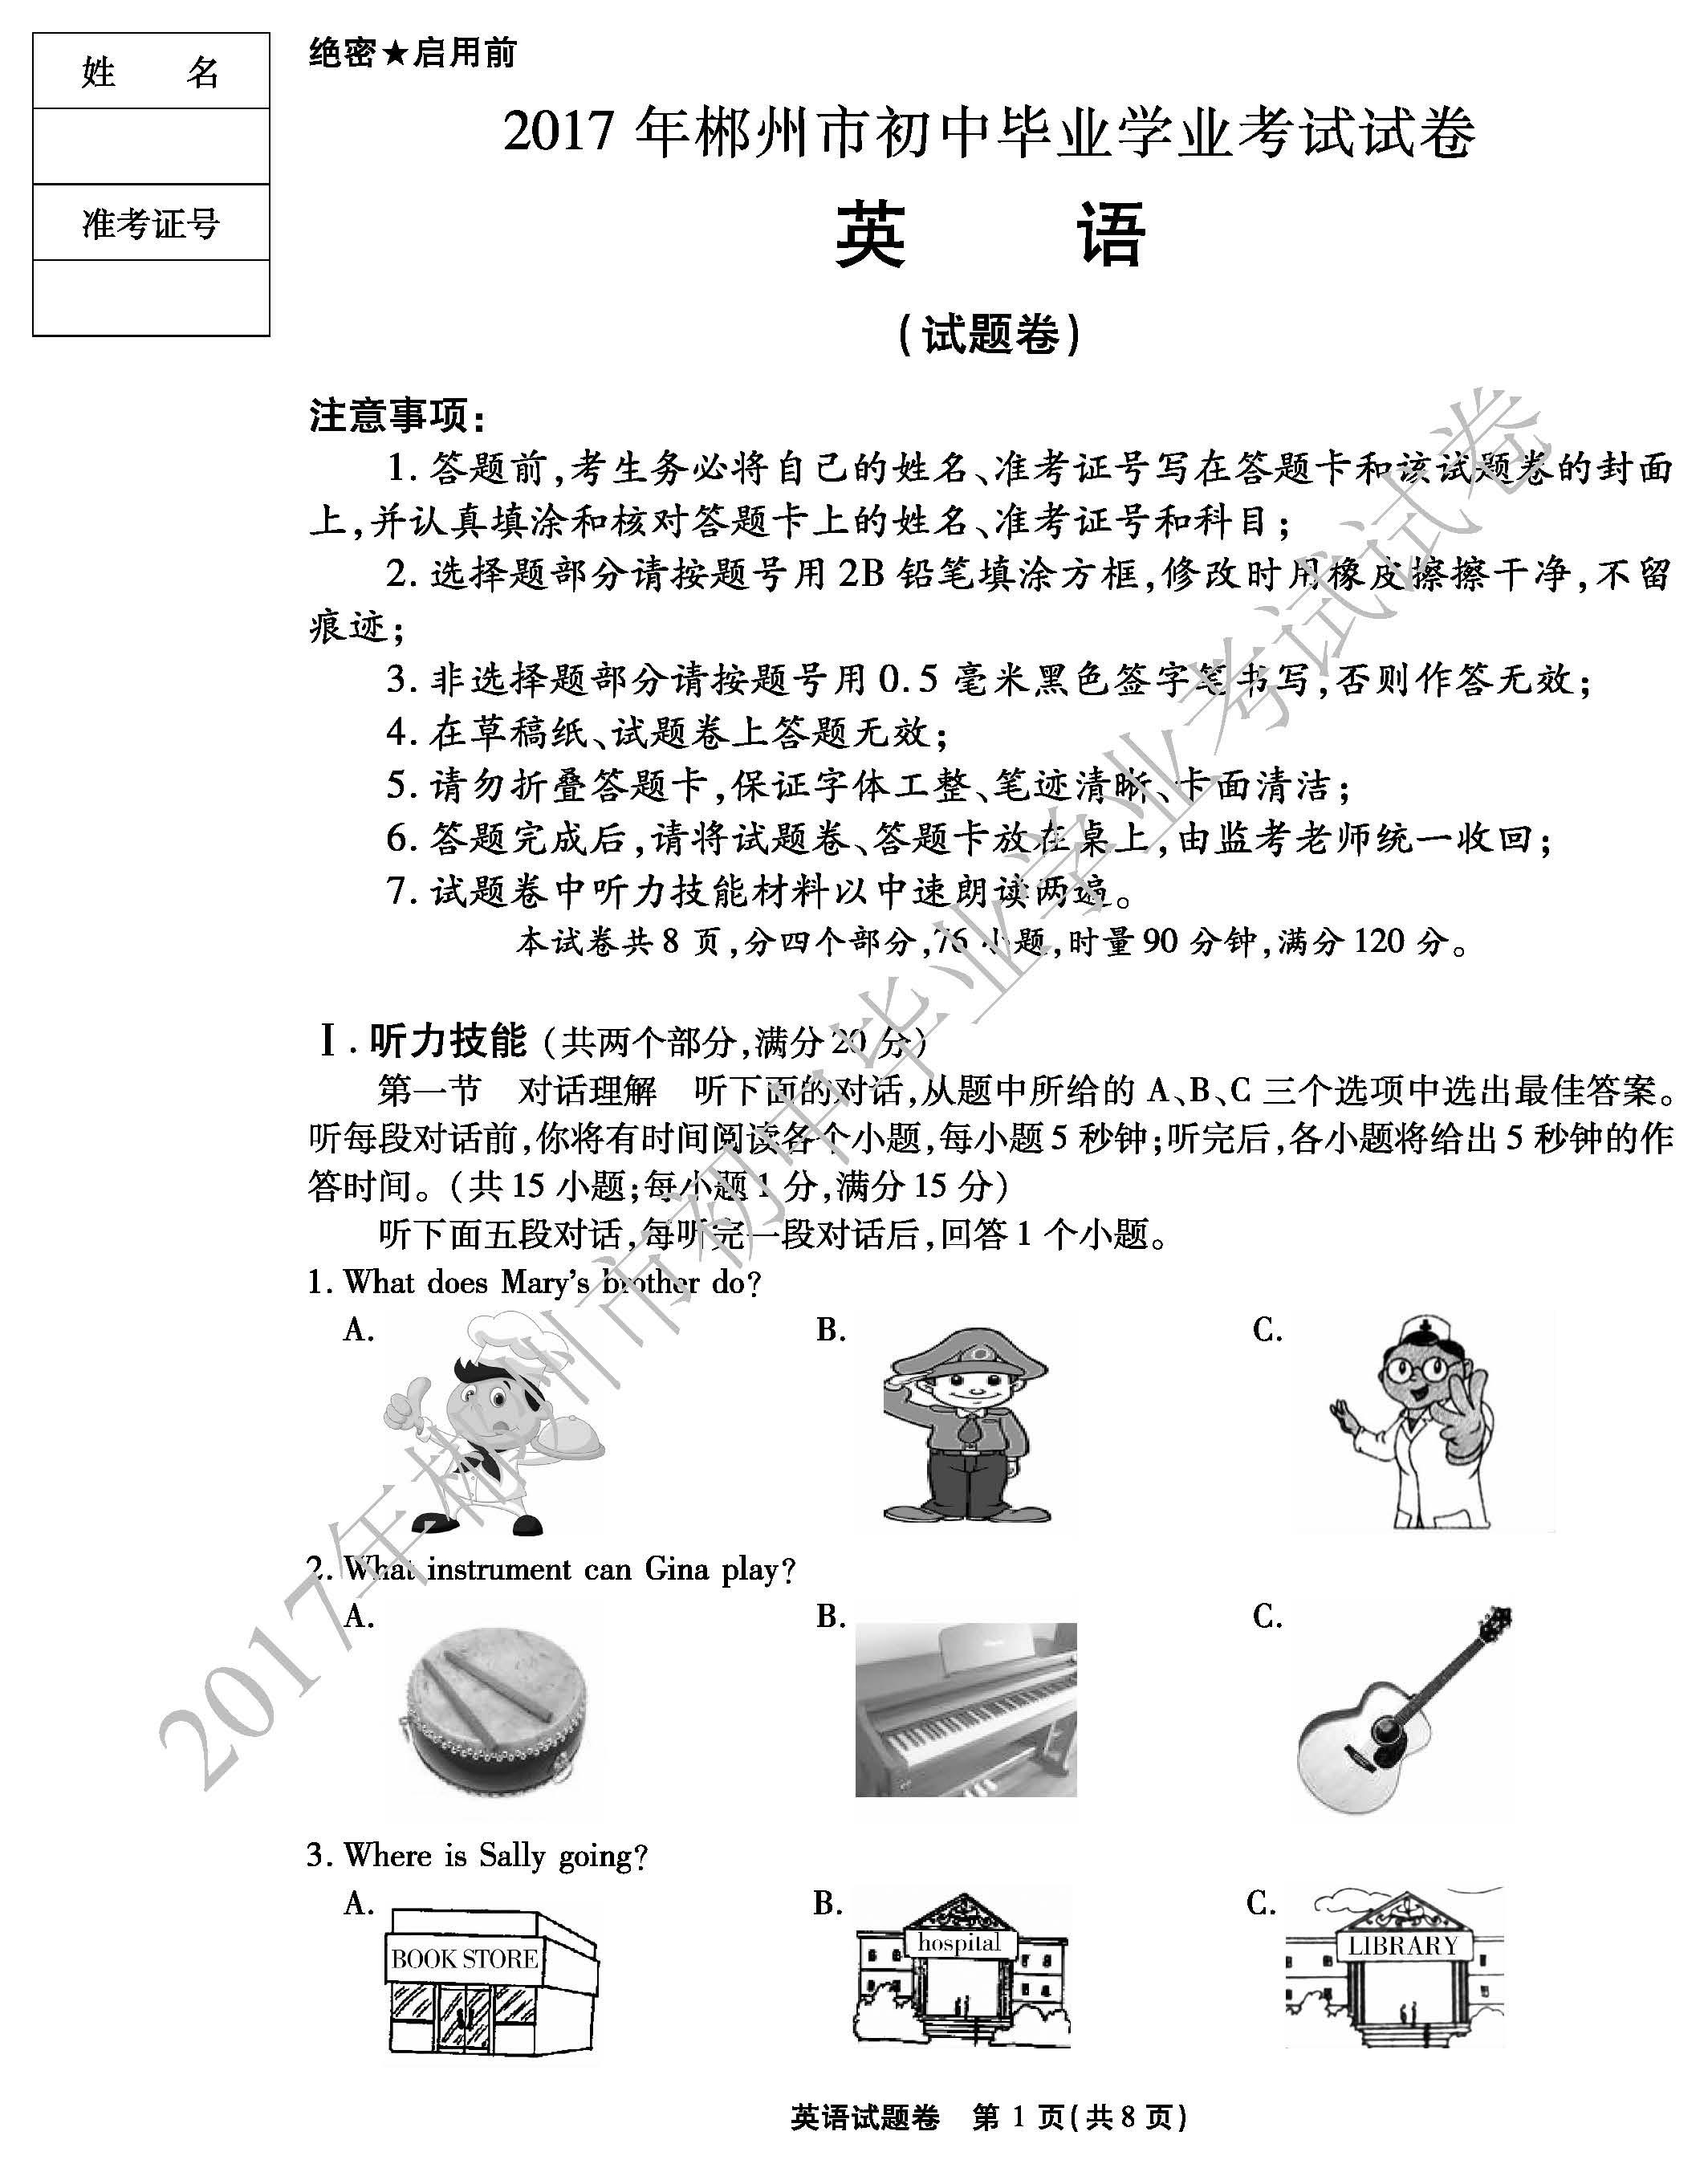 2017郴州中考英语试题及答案解析(图片版含答案)